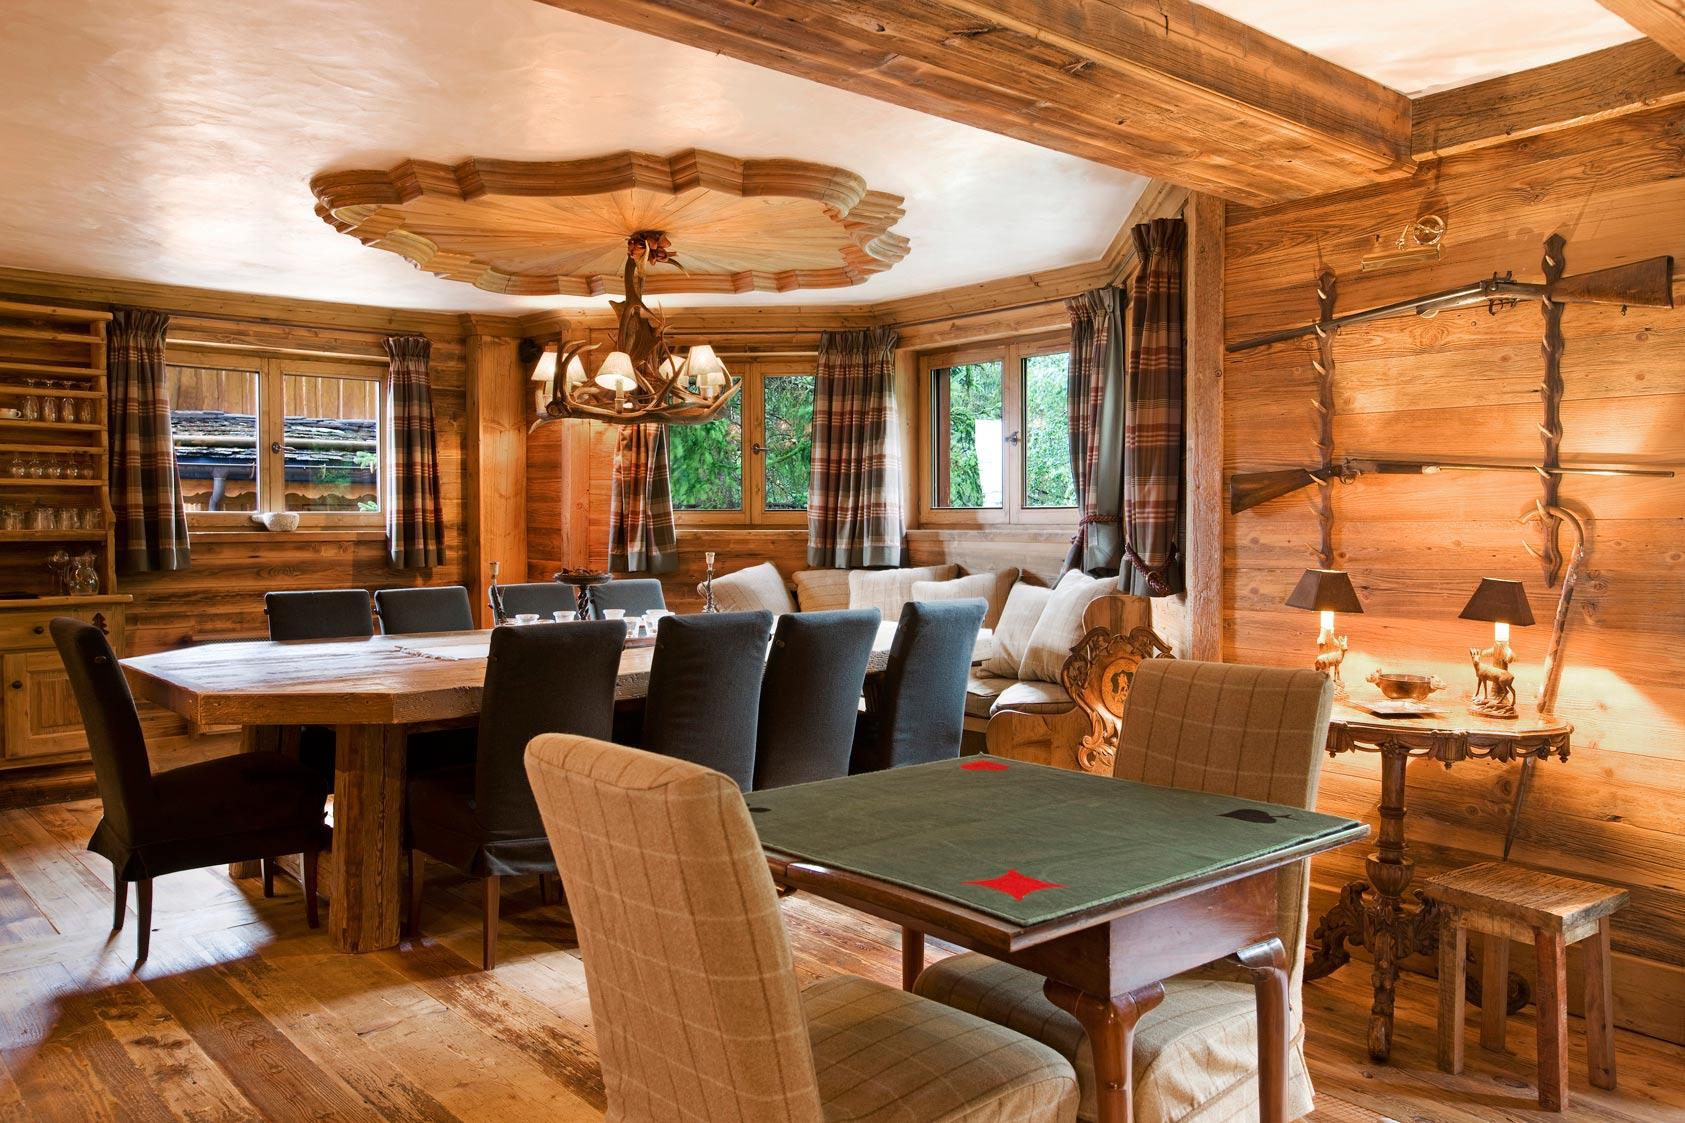 location chalet courchevel 1850 14 personnes monic1402. Black Bedroom Furniture Sets. Home Design Ideas